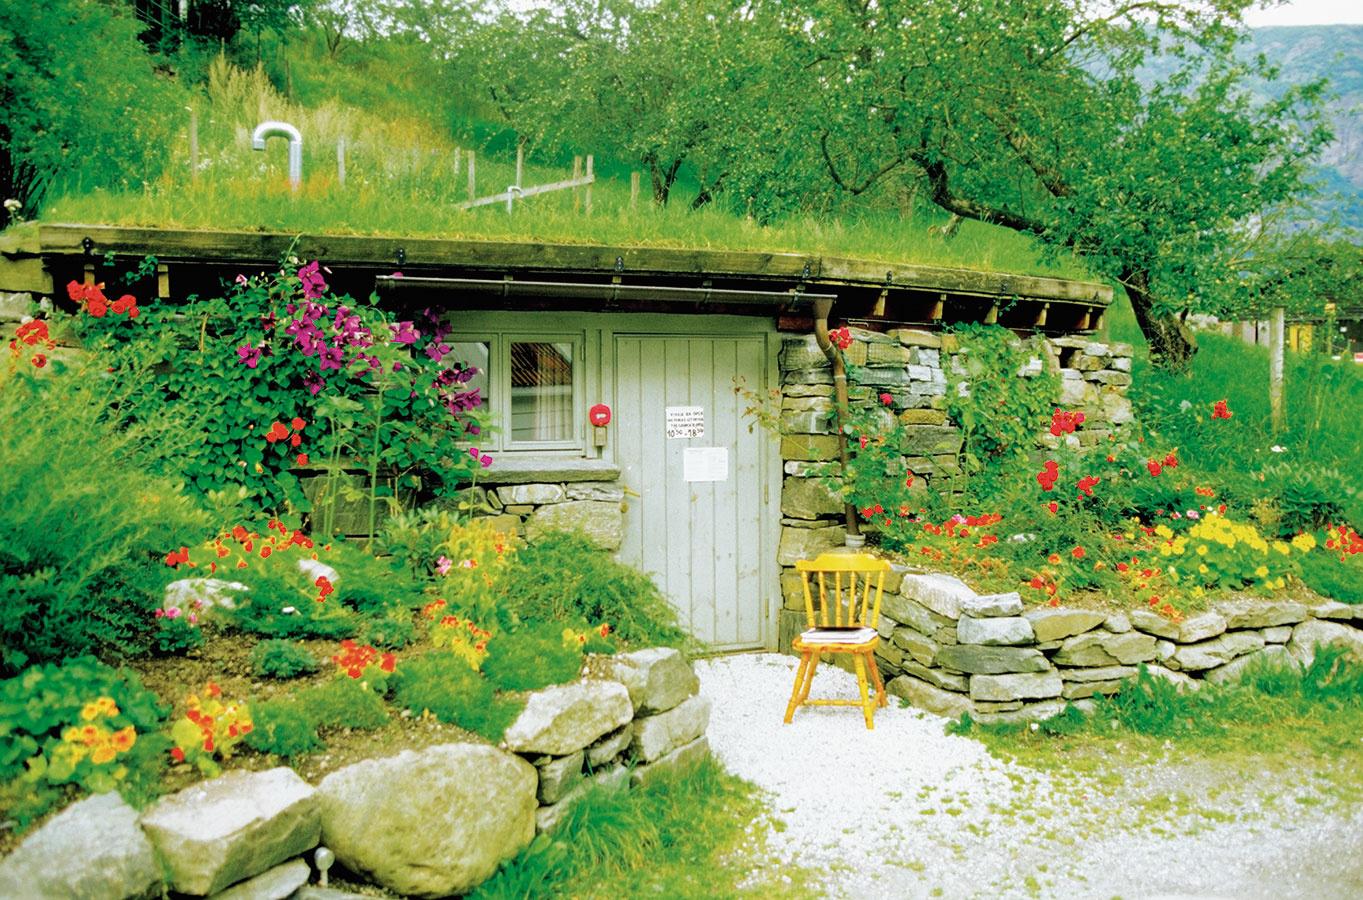 Záhradný domček môže byť vytvorený aj vo svahovitej záhrade. Namiesto strechy rastie tráva avstupné časti spríjemňujú rastliny. Slnečné miesta sú vhodné na pestovanie letničiek, ktoré kvitnú do neskorej jesene. Každoročne si tento priestor možno vysadiť inak.